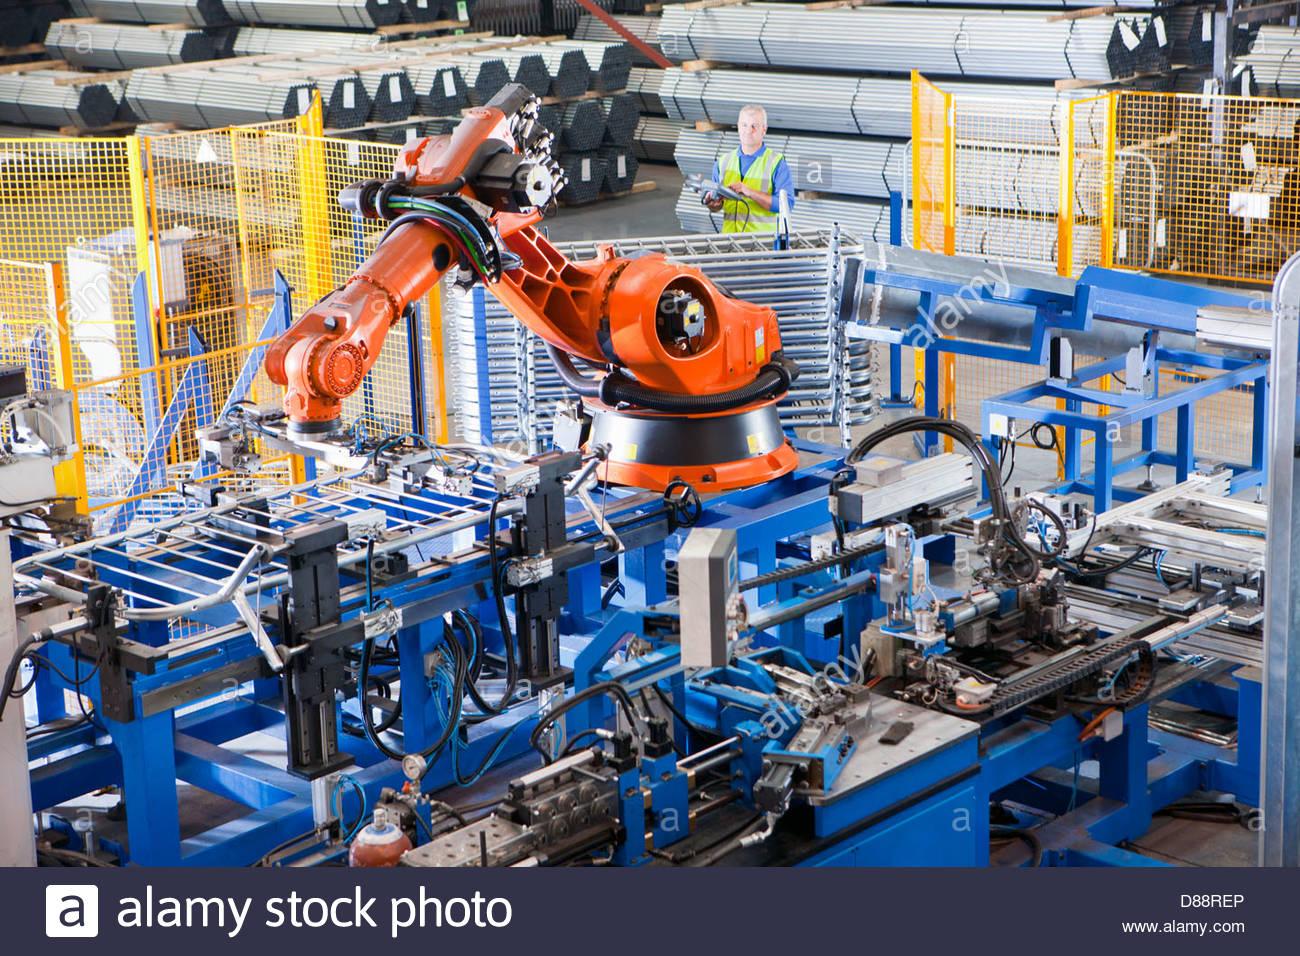 Arbeiter, die Steuerung der Roboter Maschinen heben Stahl Fechten auf Produktionslinie im Werk Stockbild